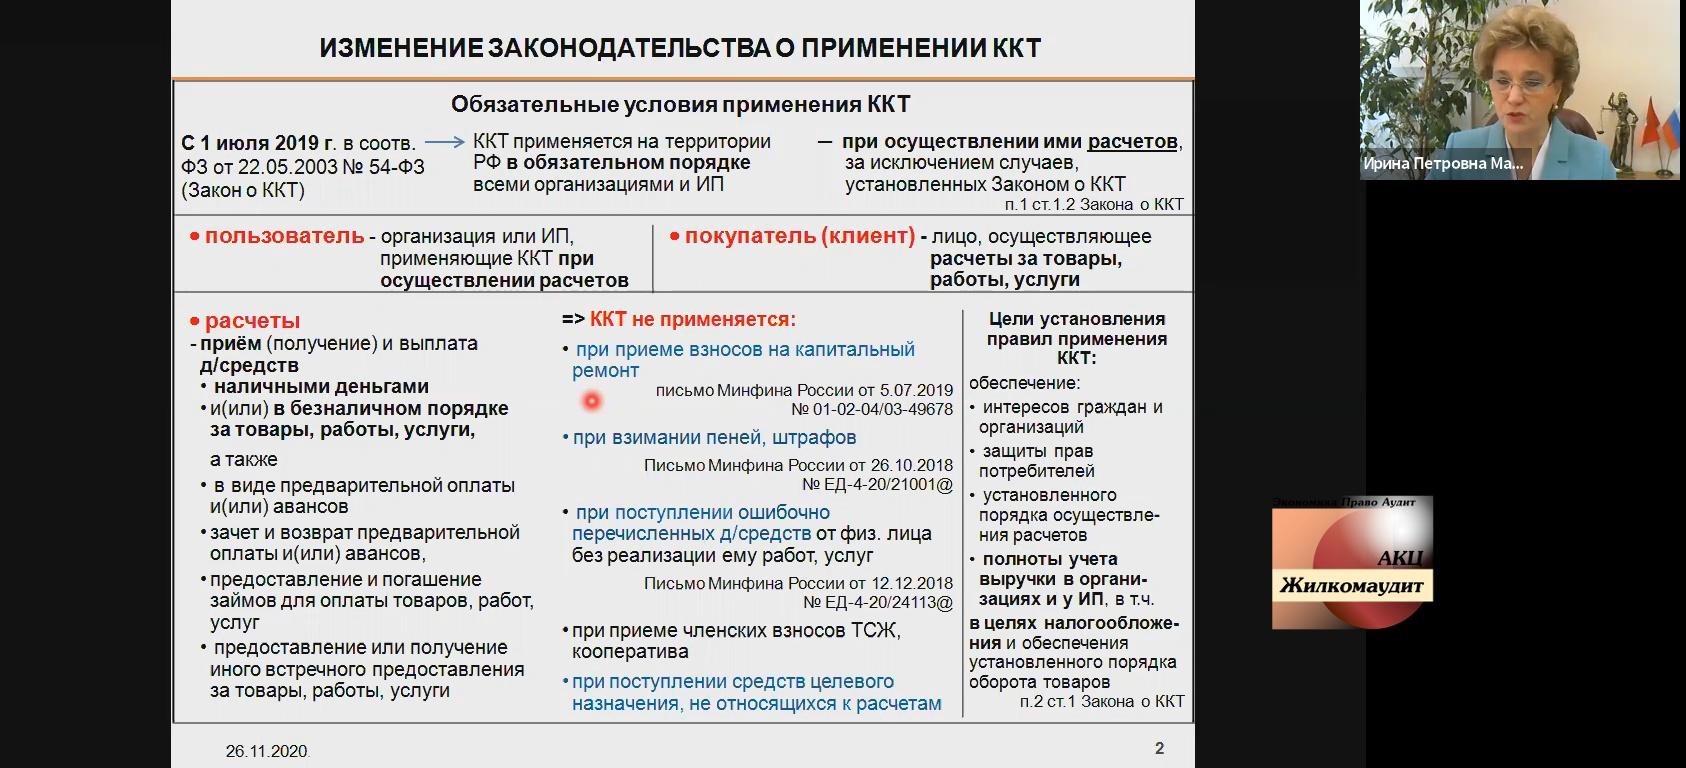 Применение ККТ при приеме платы за ЖКУ – ответы на актуальные вопросы (веб-семинар от 26.11.2020)